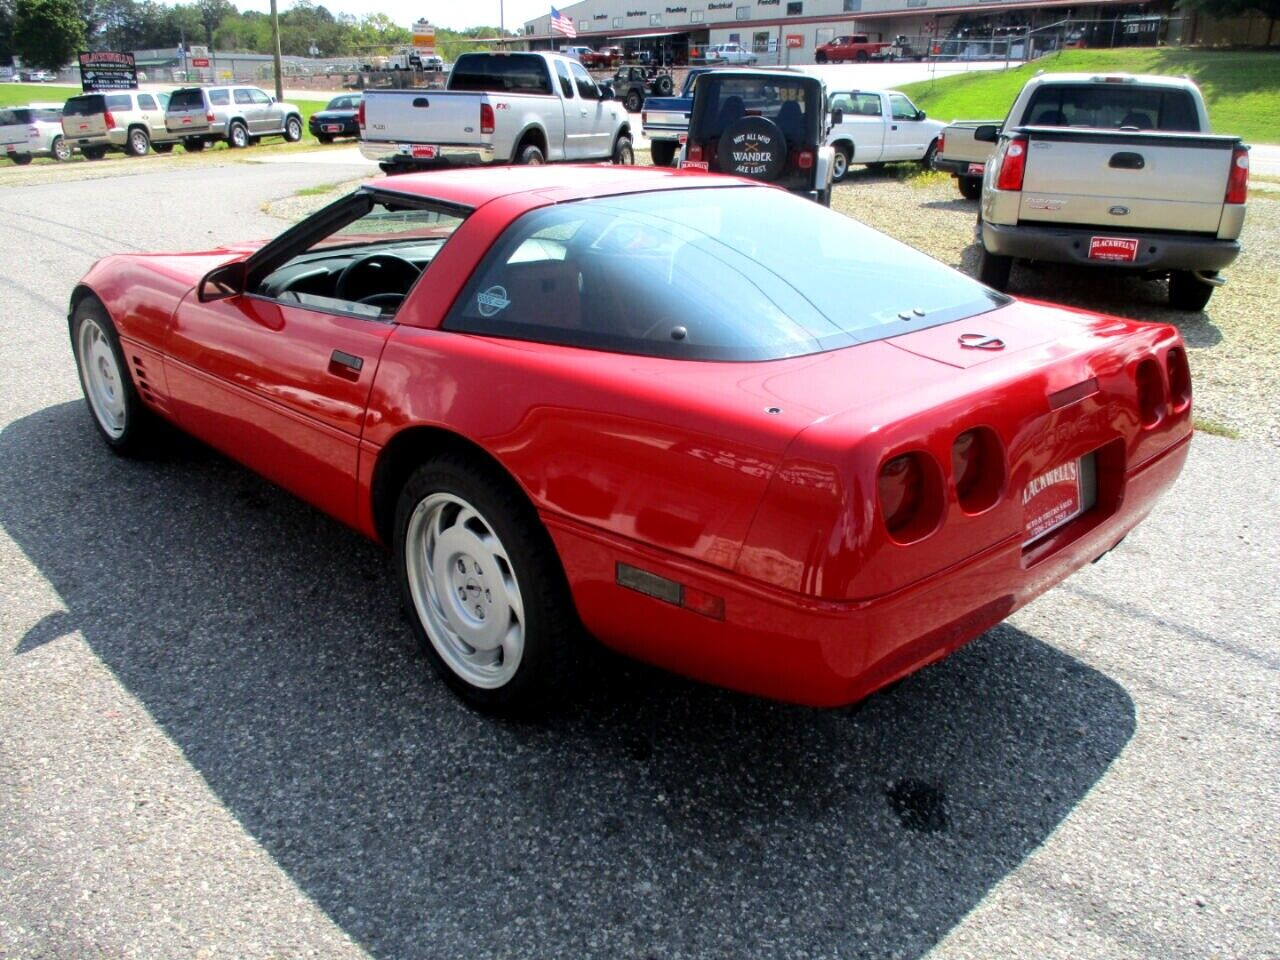 1991 Red Chevrolet Corvette Coupe  | C4 Corvette Photo 5